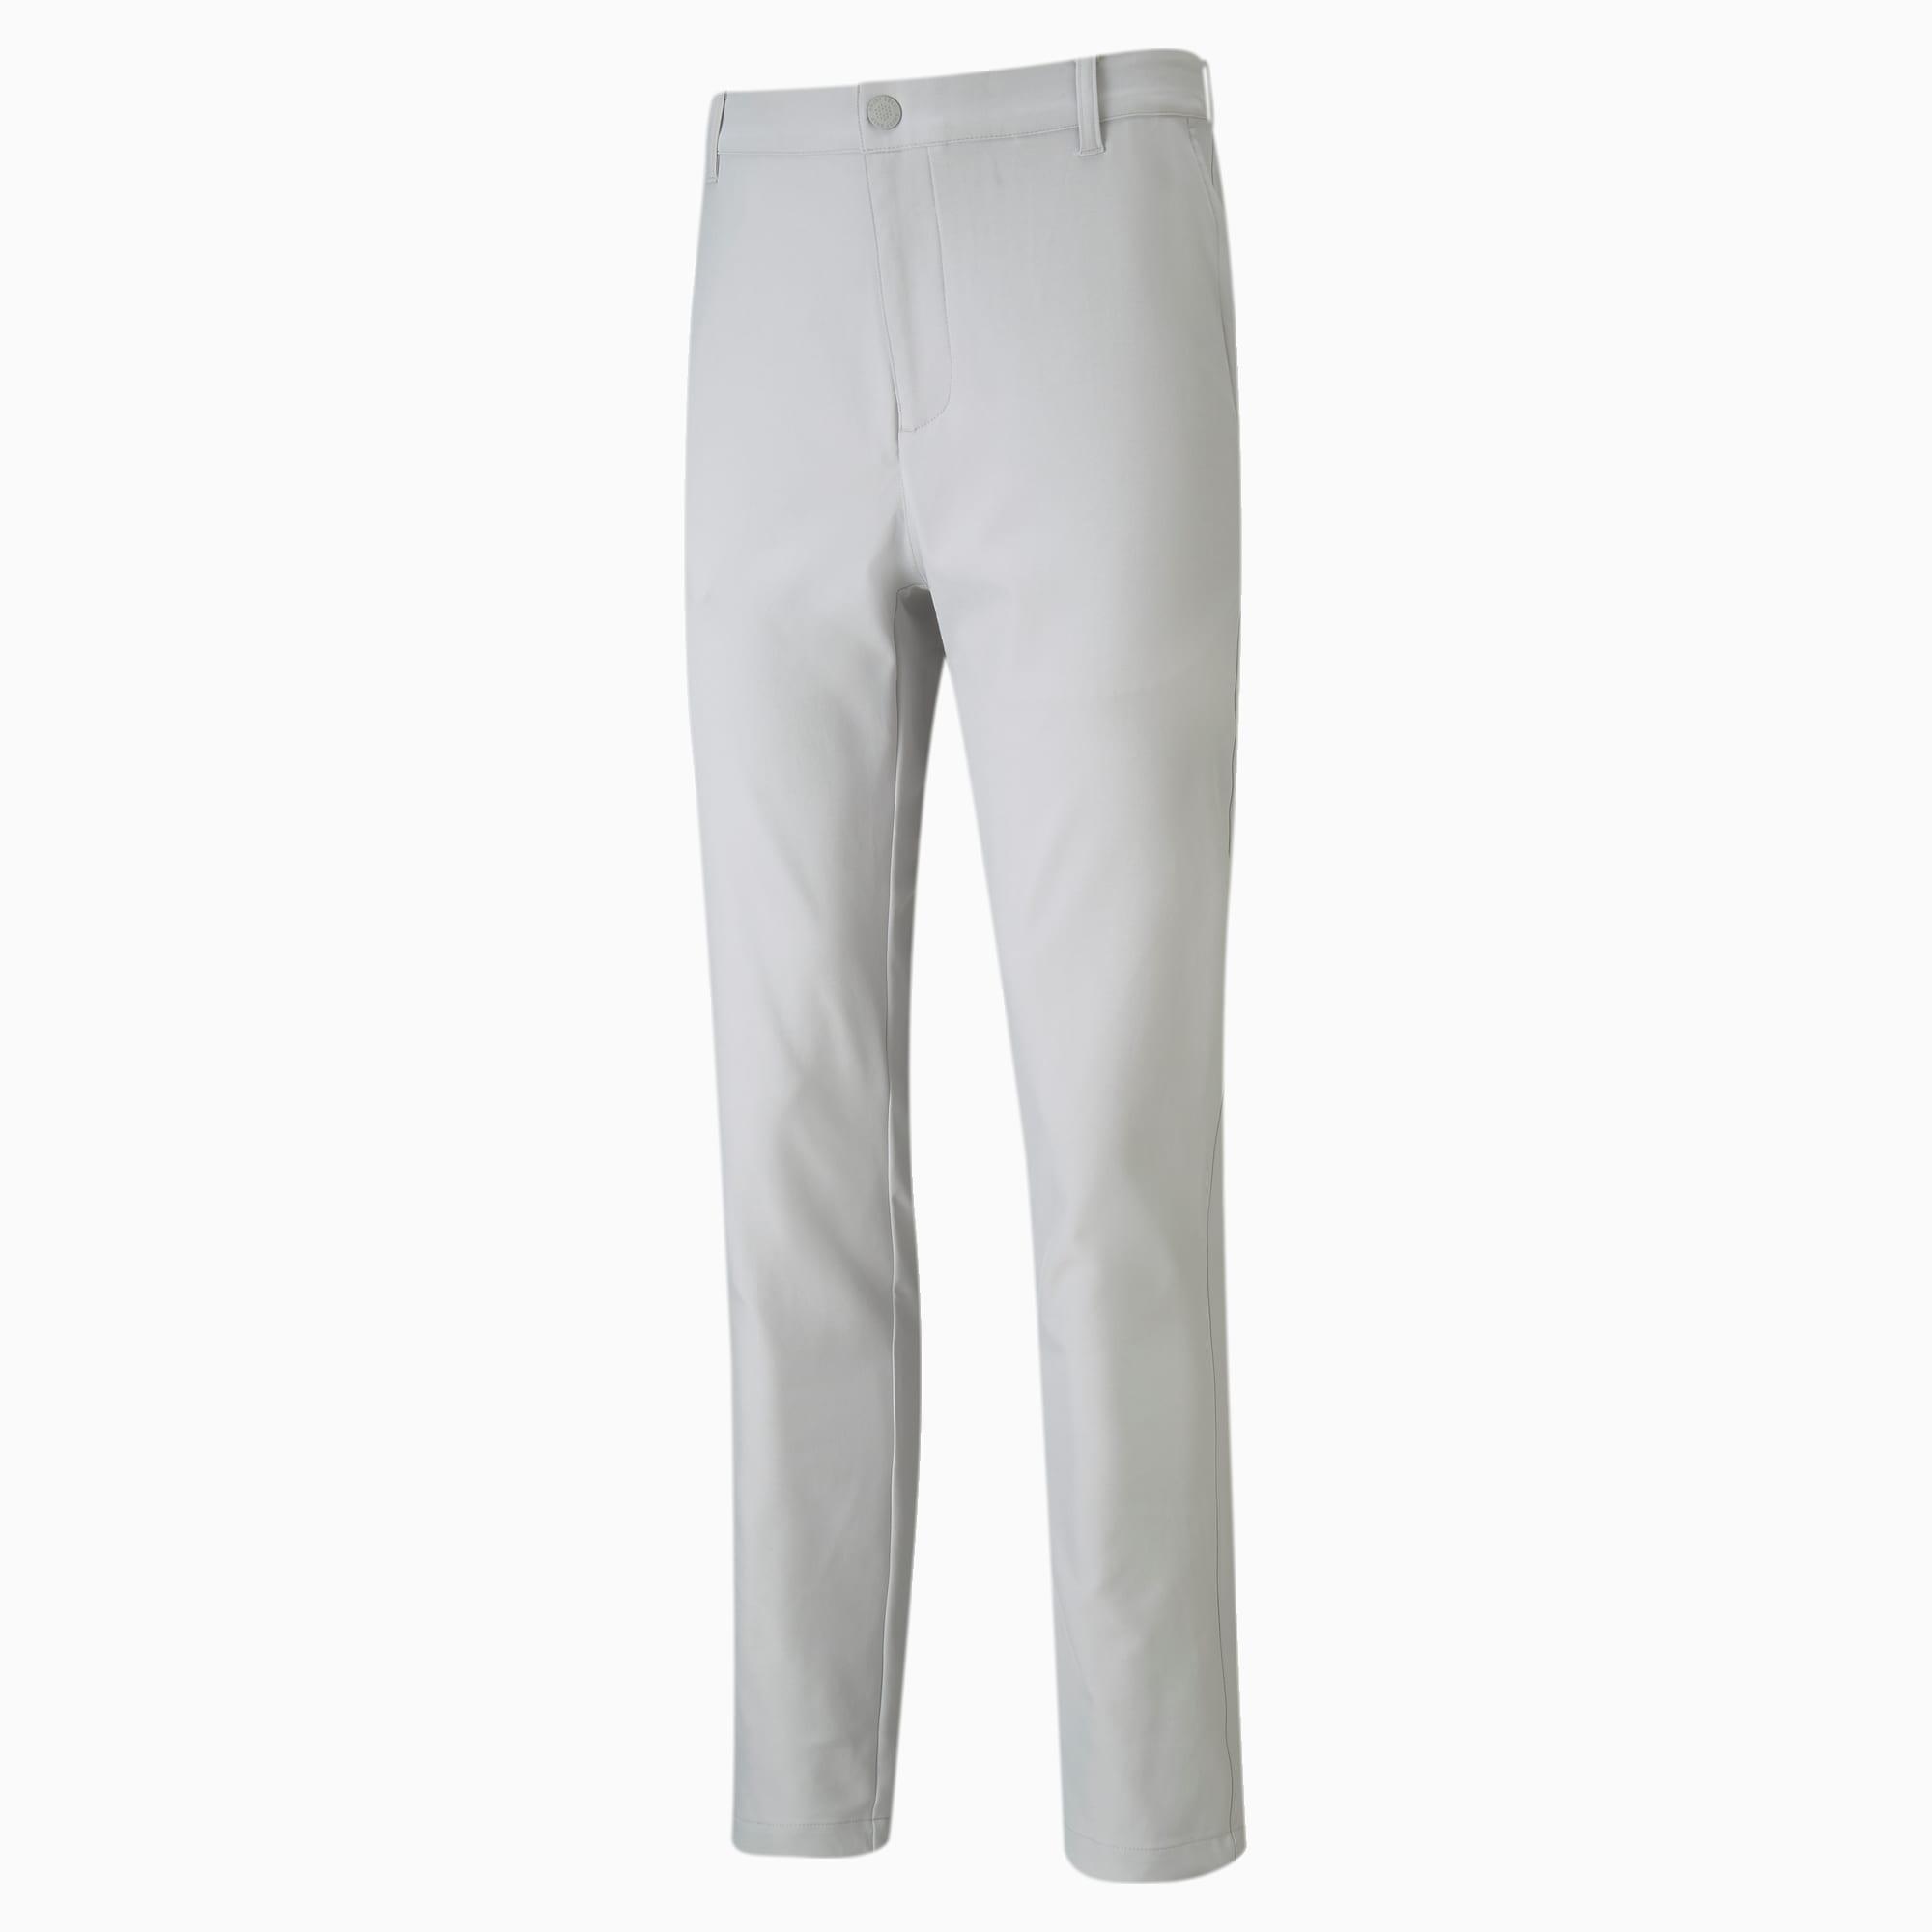 Jackpot Tailored golfbroek heren, Grijs, Maat 36/32 | PUMA